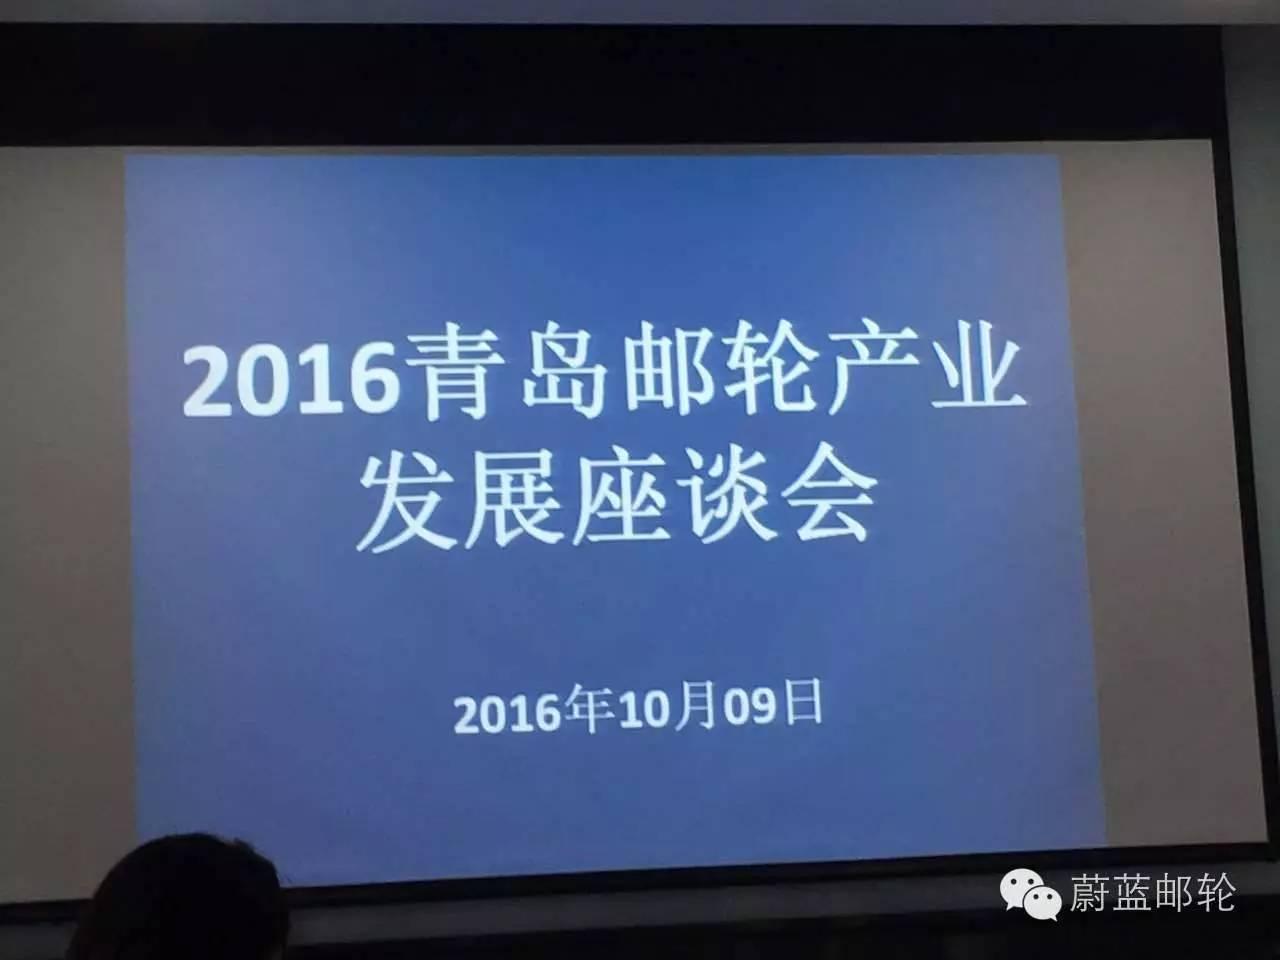 青岛市邮轮游艇协会主持召开2016年青岛邮轮产业发展座谈会 892b123cb6c7608d77be153d87467835.jpg